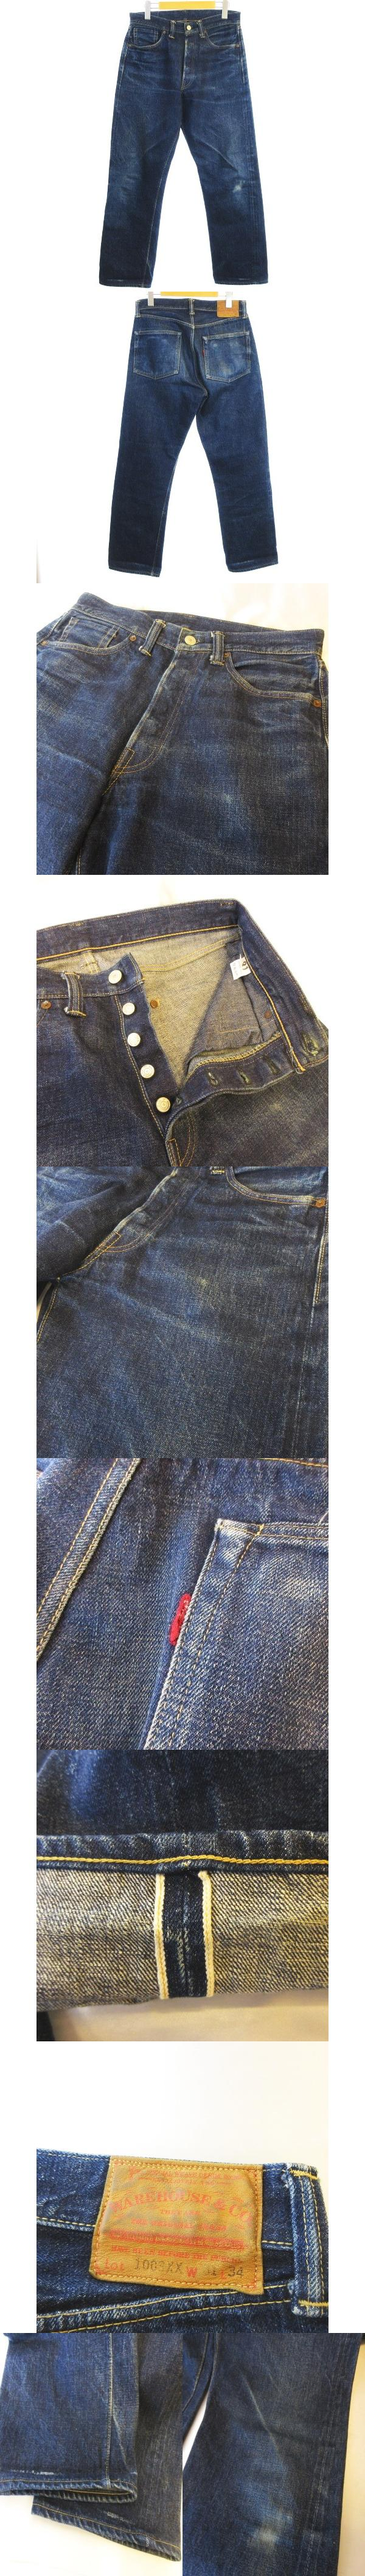 1003XX デニム パンツ 大戦 ストレート ジーンズ ボタンフライ 綿100% ブルー 青 31 KK0128